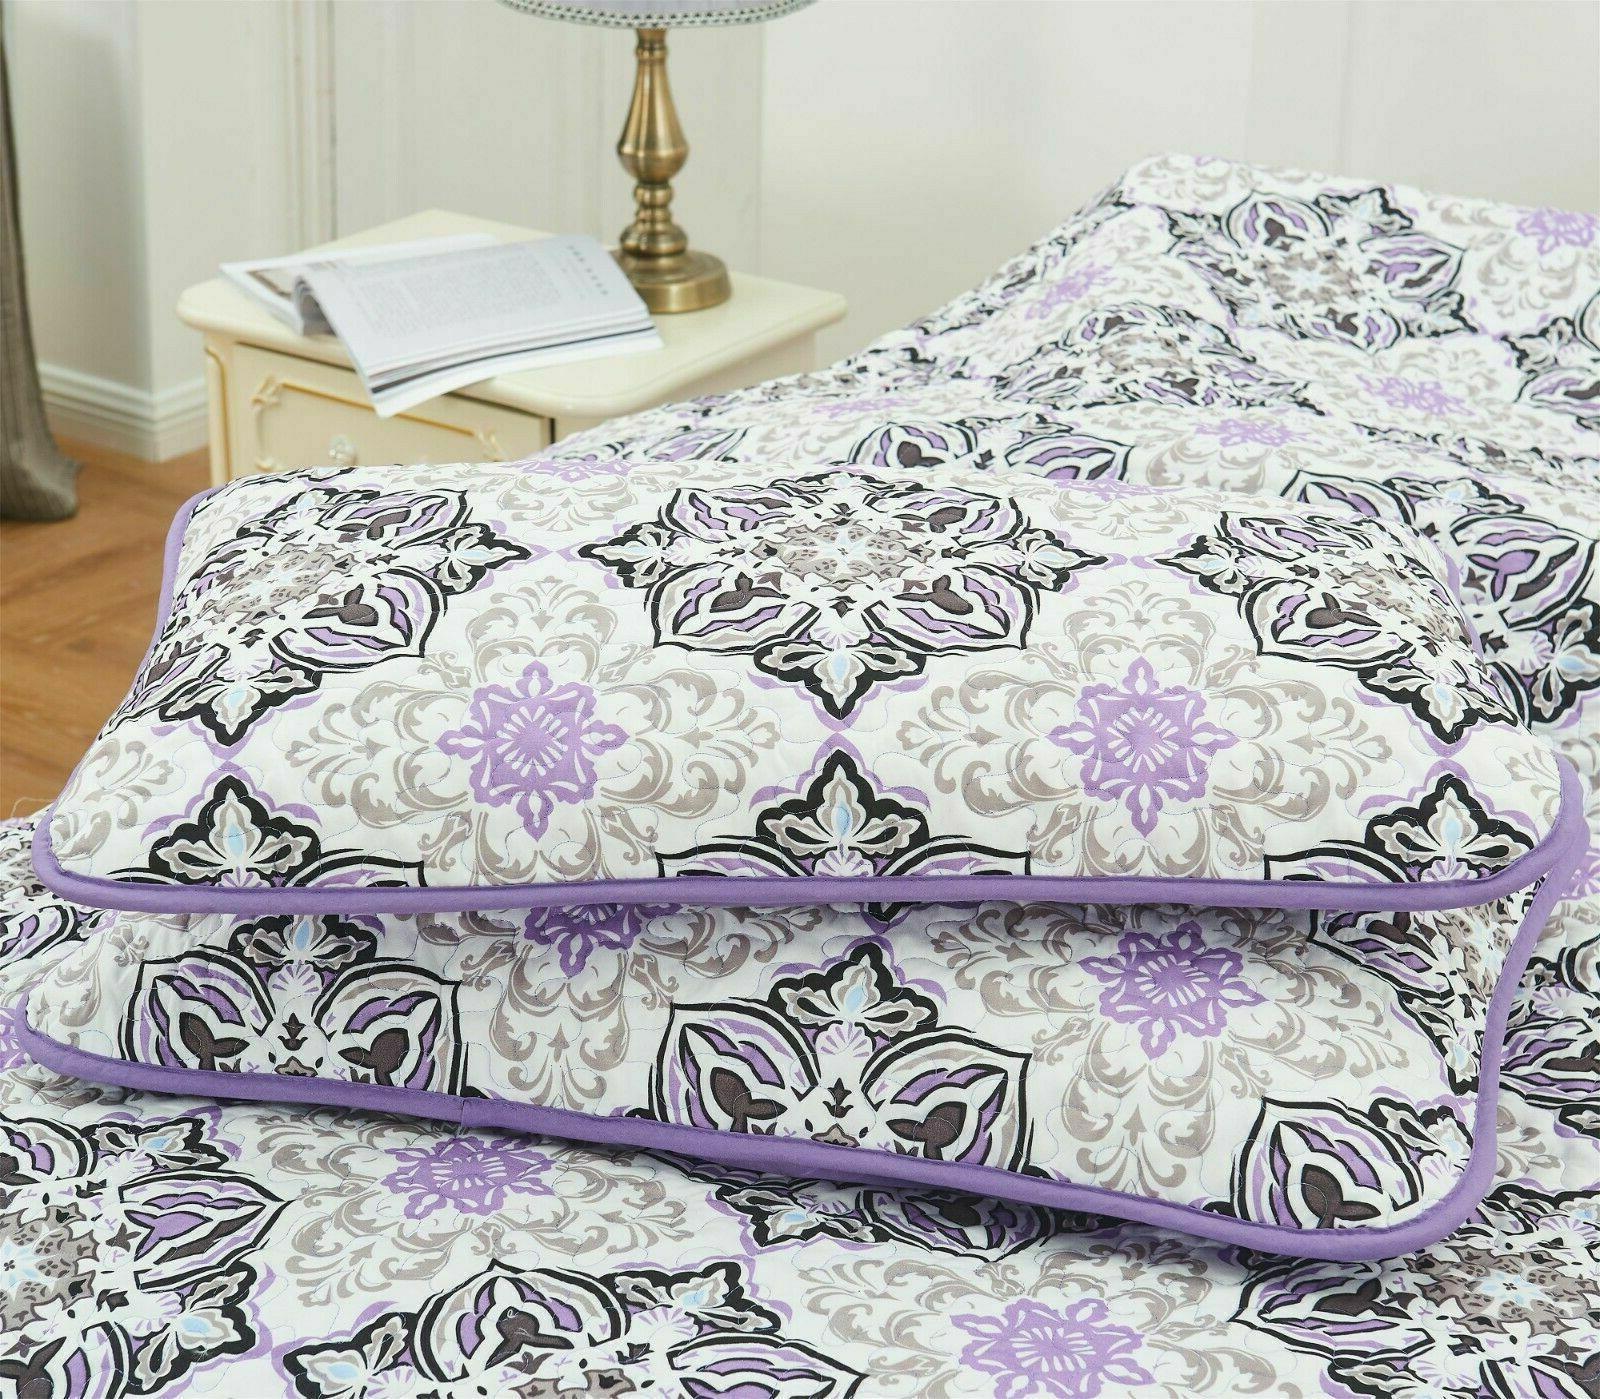 4 Queen Quilt Pillows